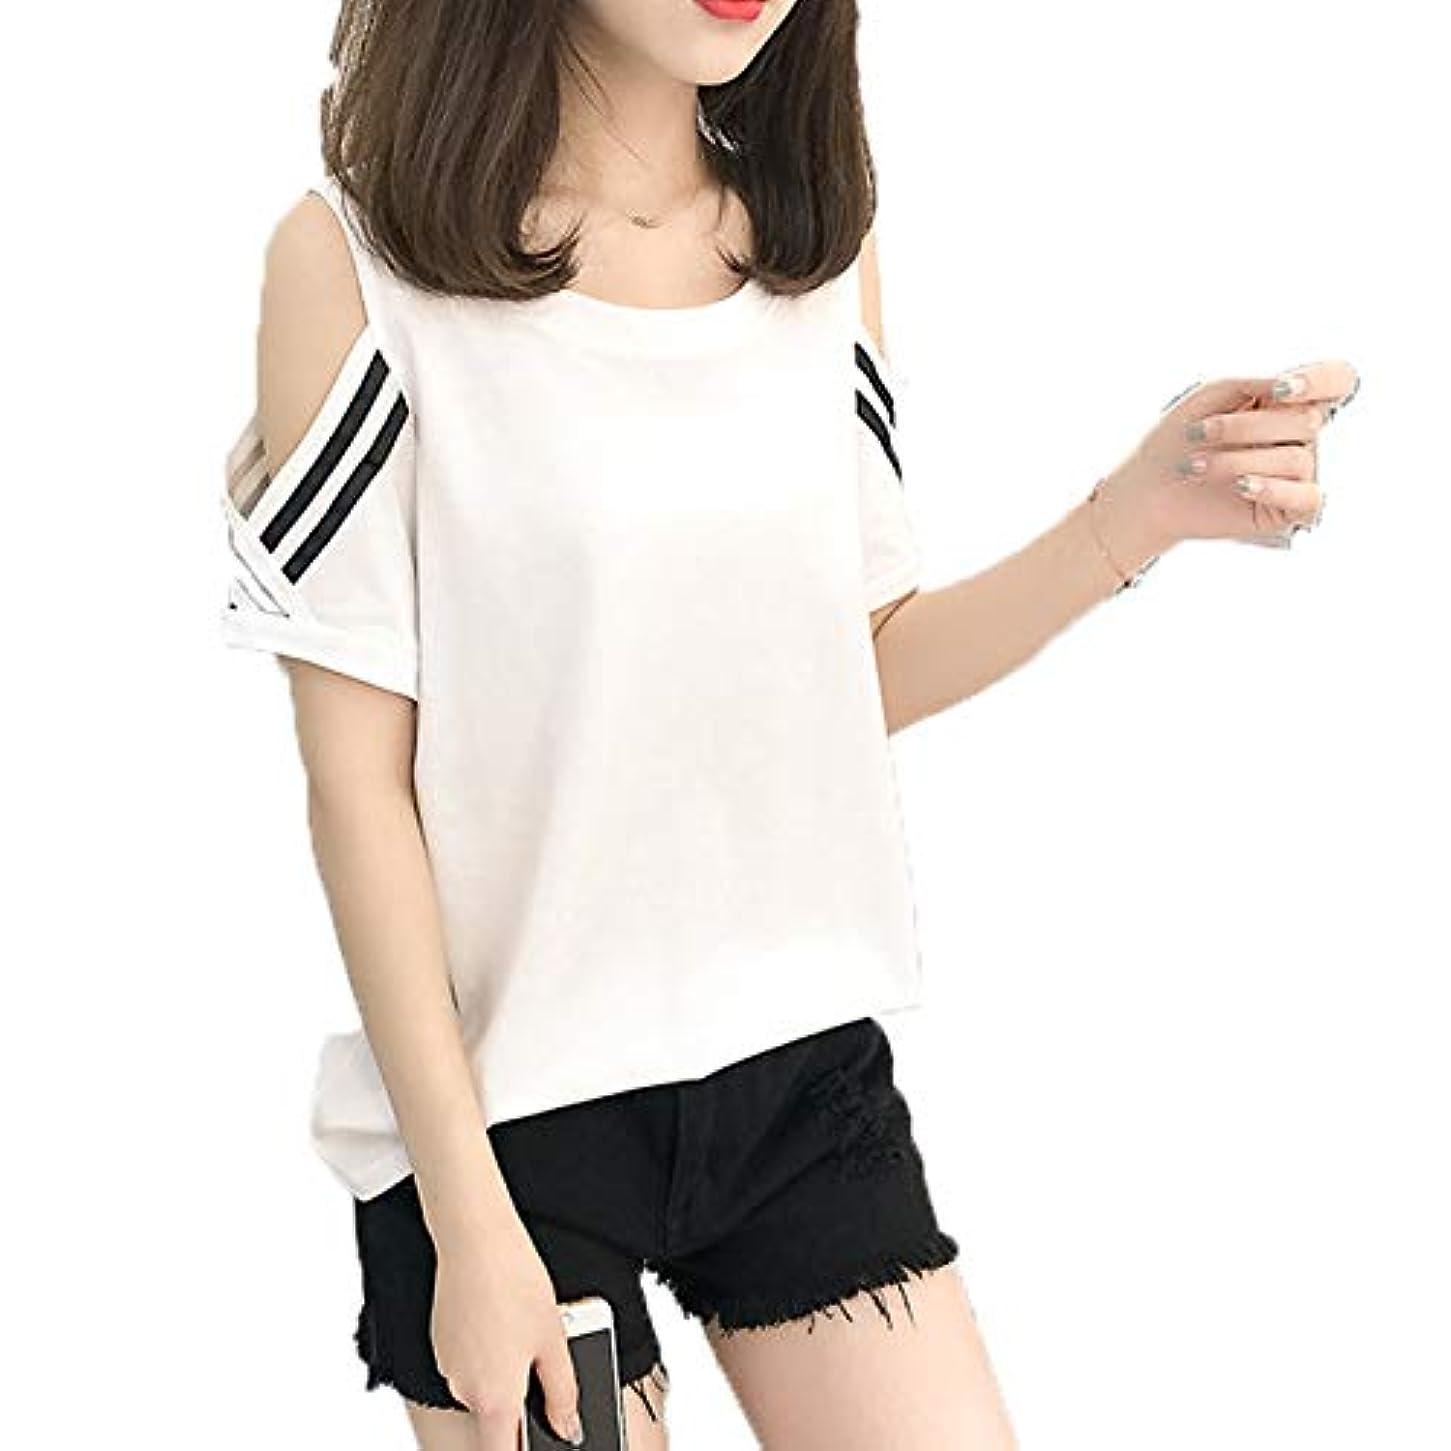 [ココチエ] Tシャツ ライン プルオーバー レディース 肩出し 半袖 かっこいい かわいい おしゃれ レッド イエロー ホワイト